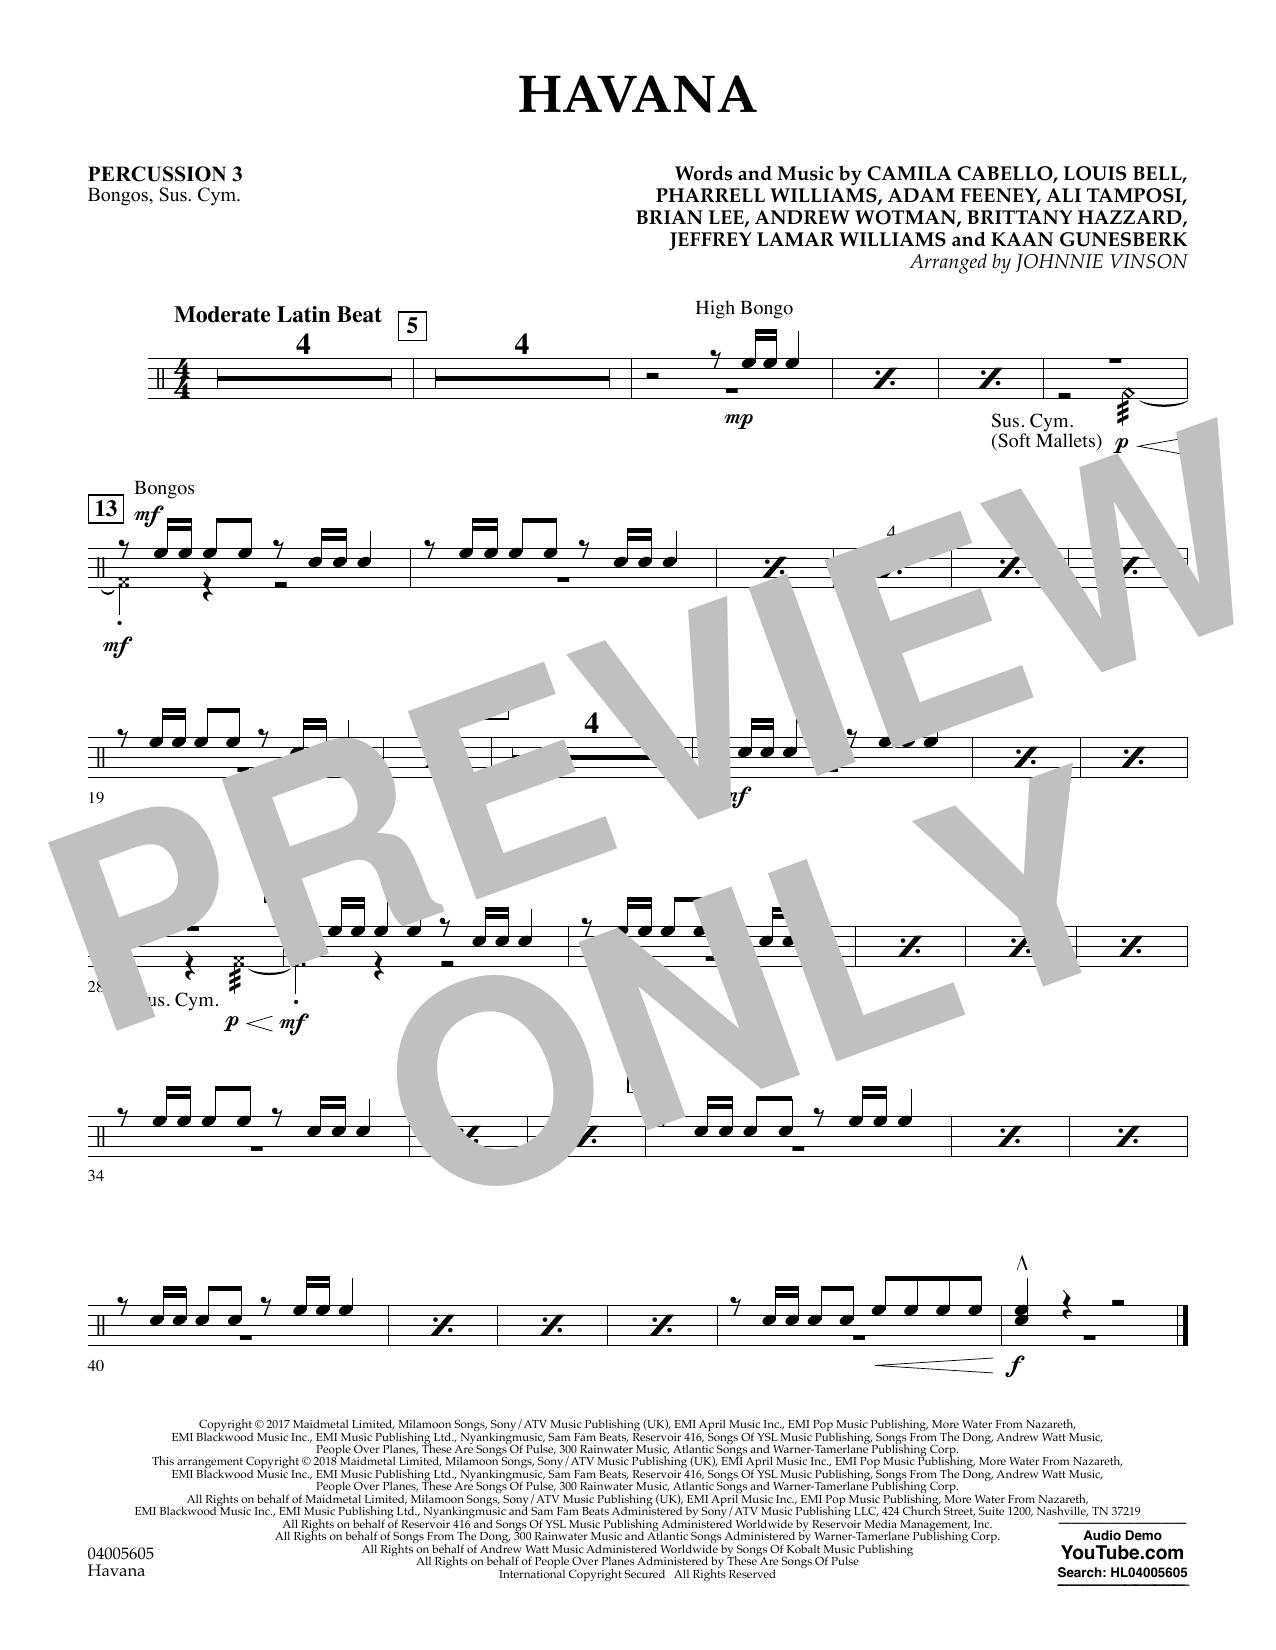 Havana - Percussion 3 (Concert Band)